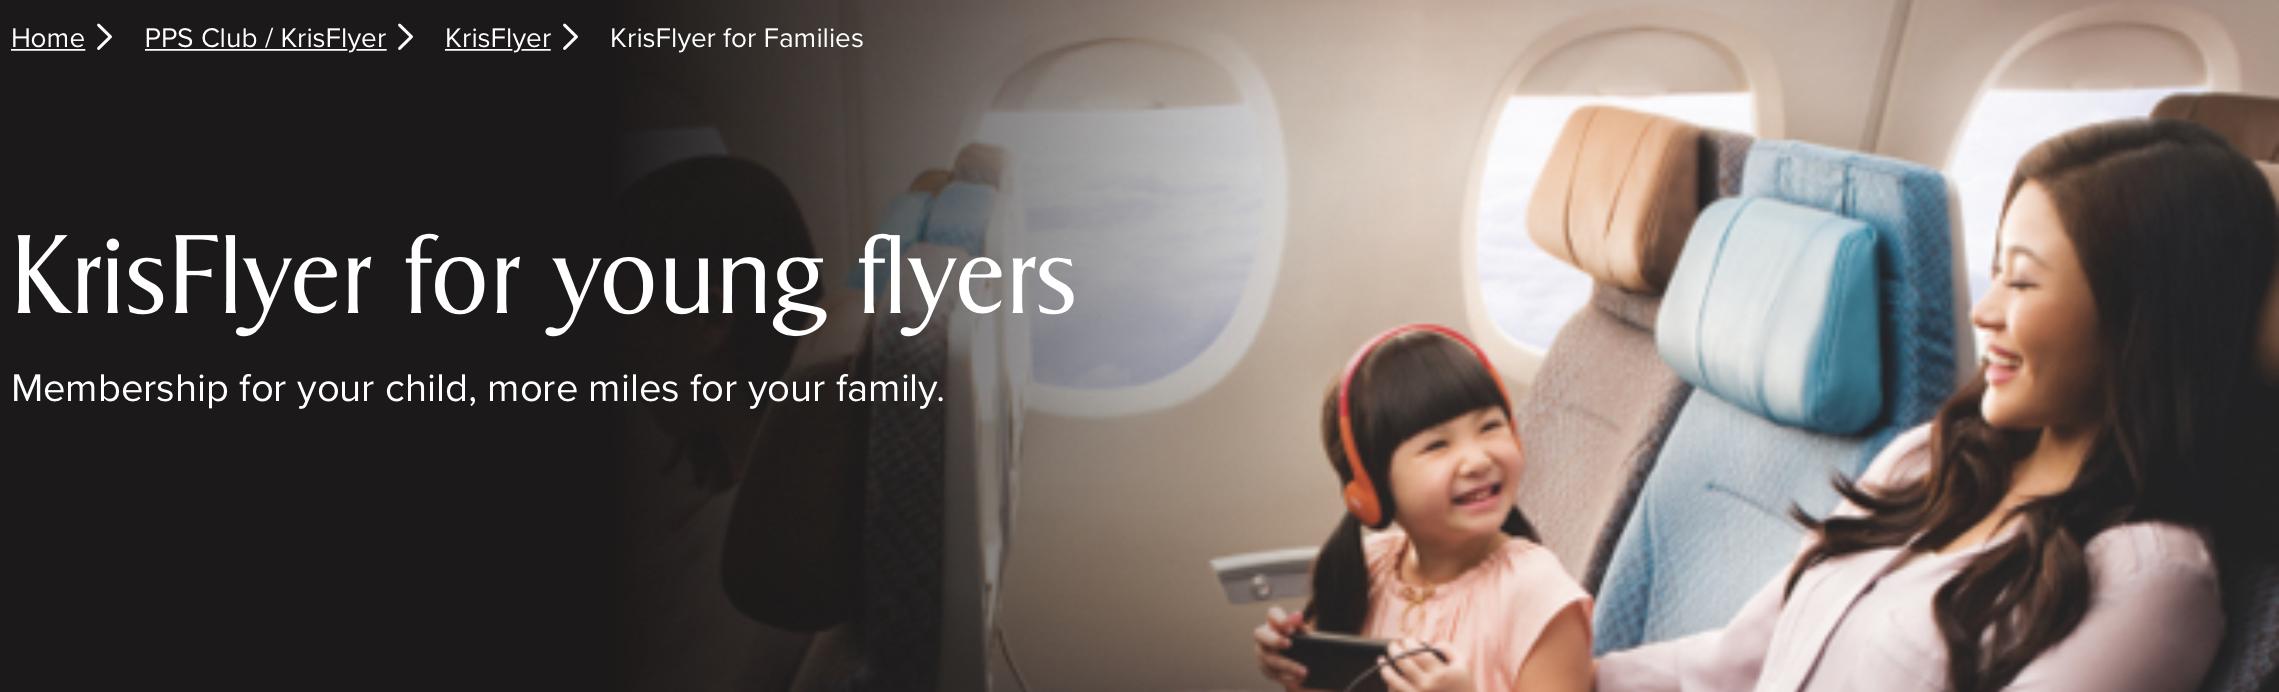 シンガポール航空(SQ)のマイレージが家族間で「共有」できるようになりました